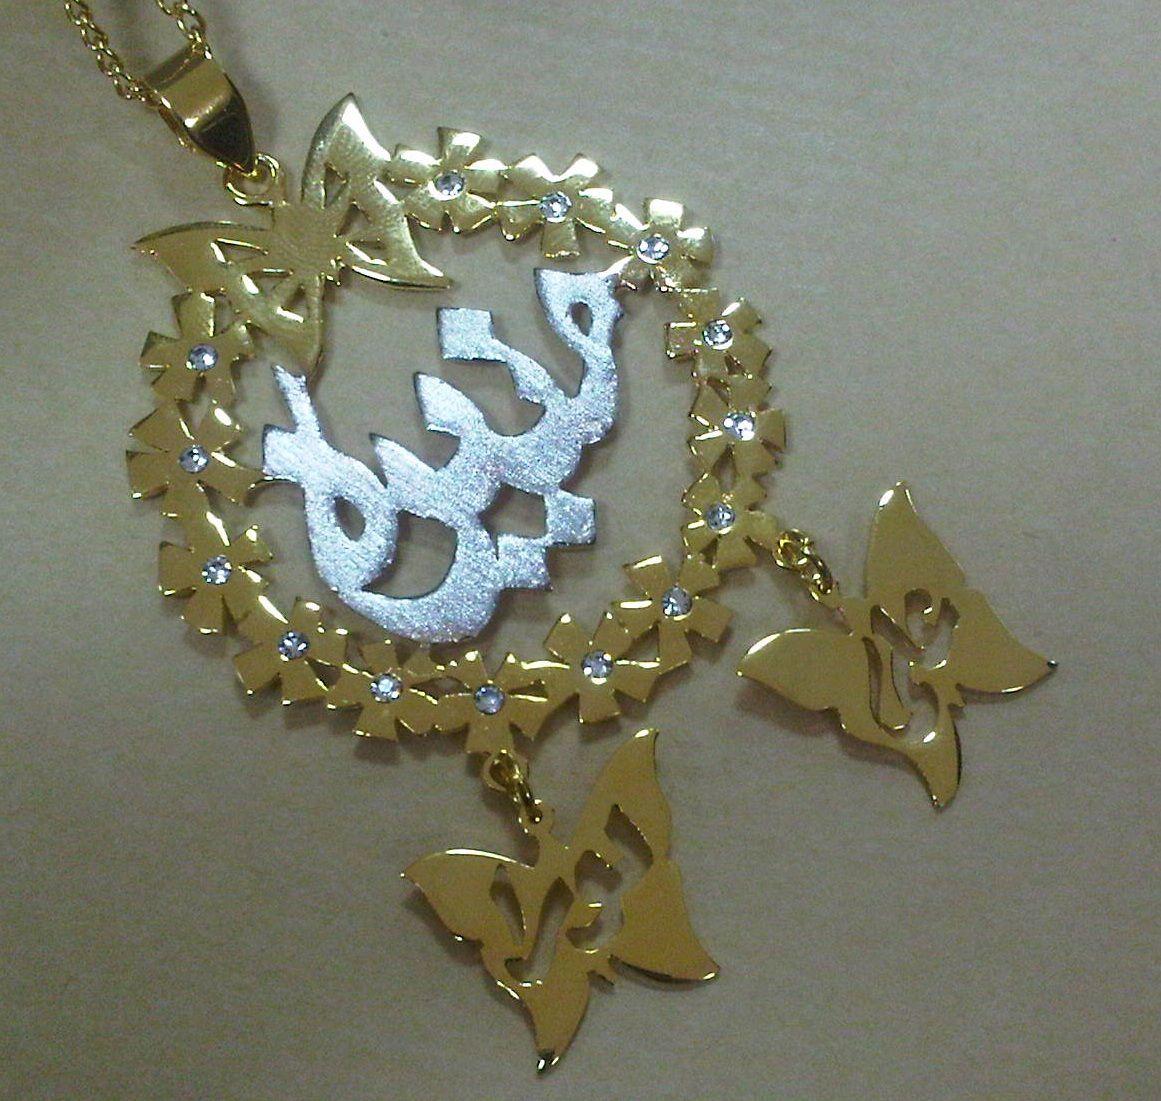 تعليقة ذهب وفضة اسم منيرة Arabic Jewelry Jewelry Design Islamic Design